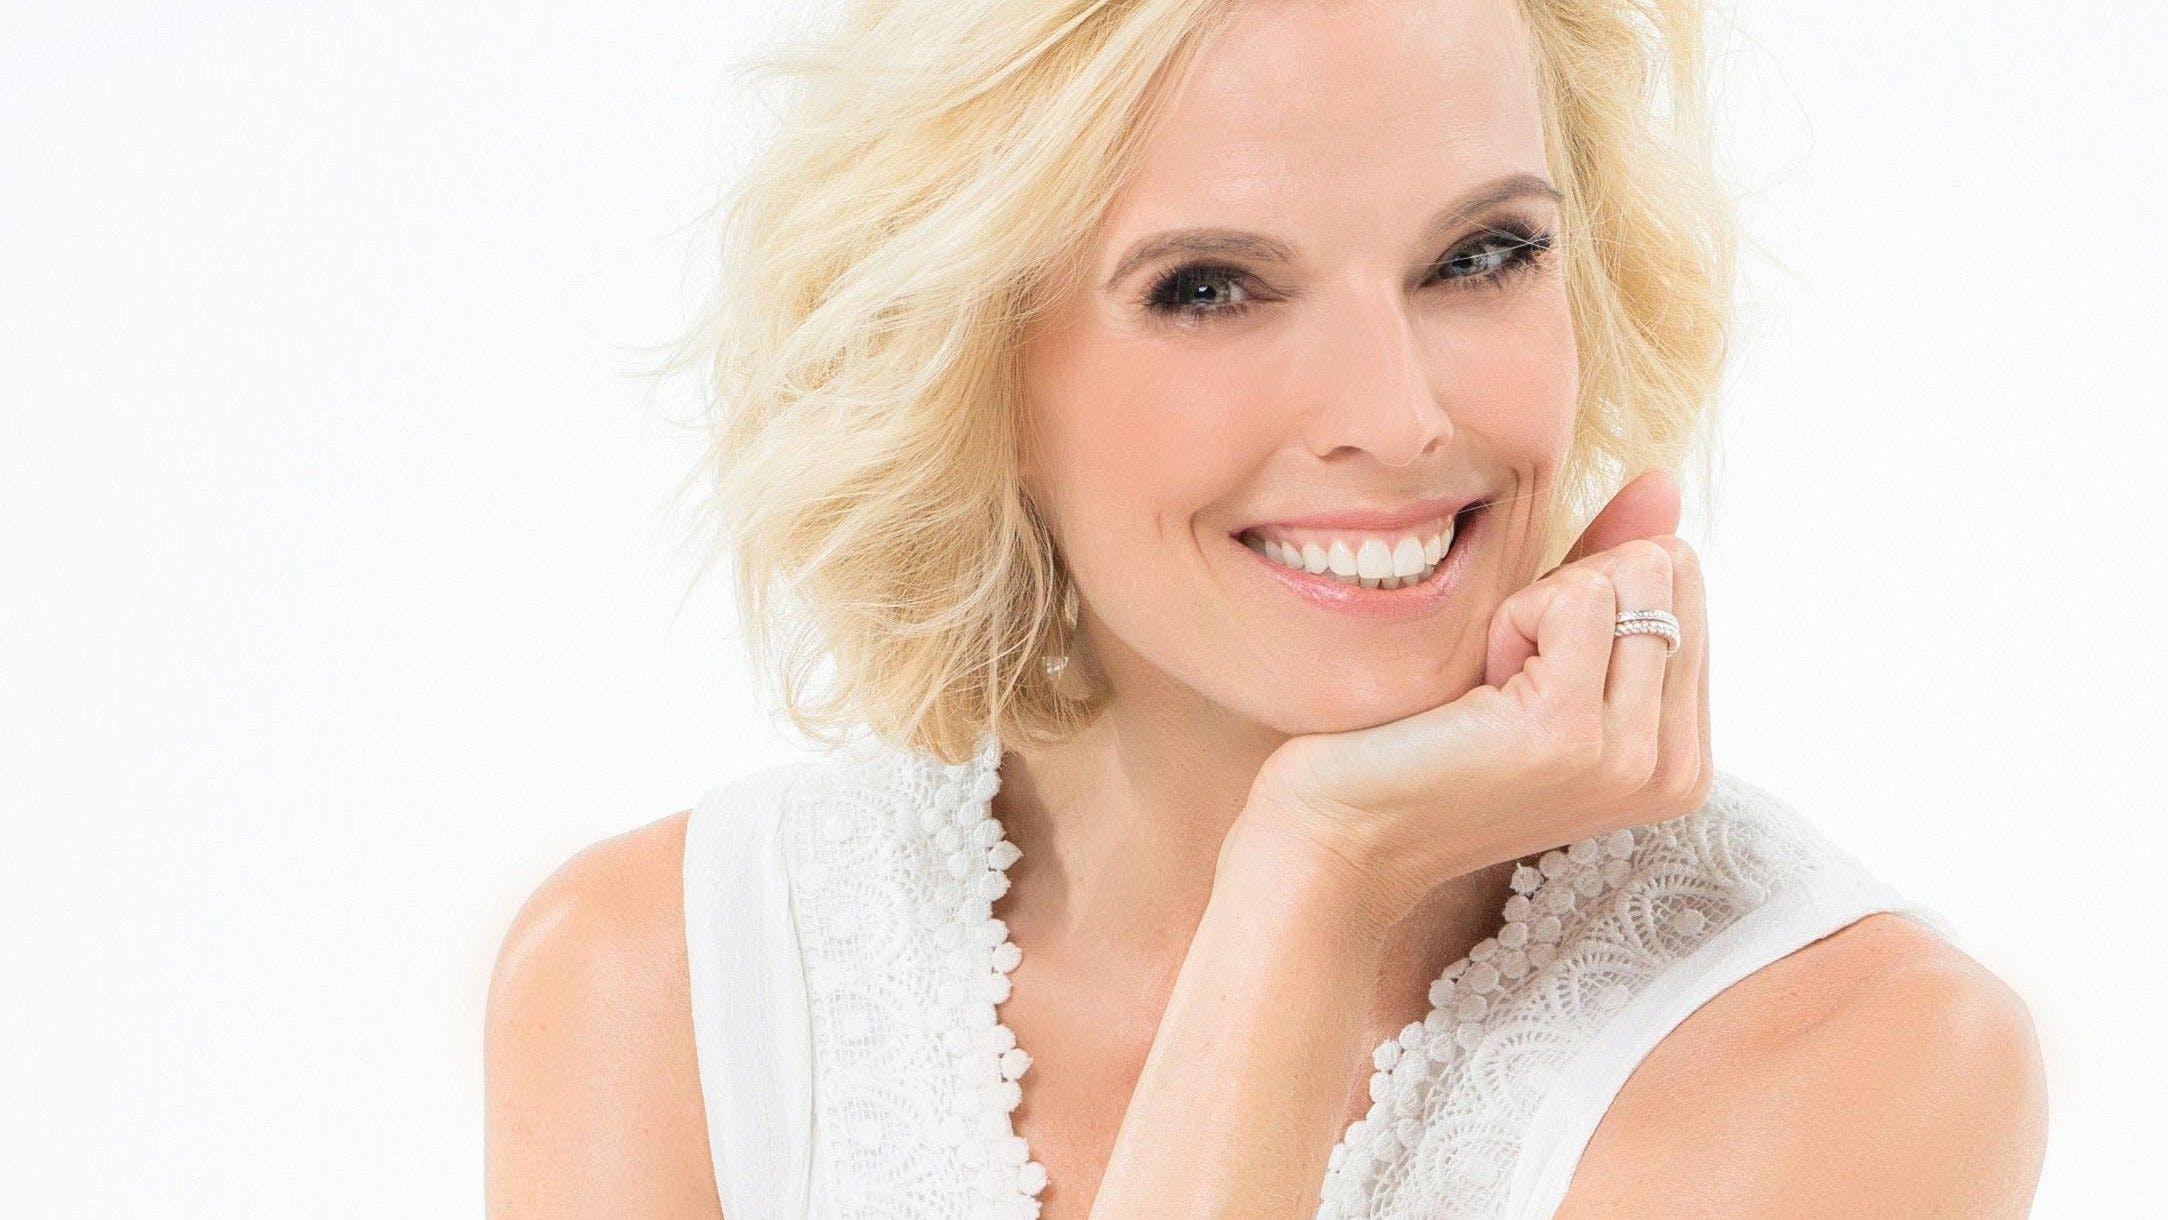 Stéphanie Berger startete ihre Karriere 1995 als Miss Schweiz. Nach ihrem Amtsjahr war die gelernte zahnmedizinische Assistentin als Moderatorin, Sängerin und Schauspielerin tätig. 2012 präsentierte sie ihr erstes Comedy-Programm. Sie ist Mutter eines Sohnes.